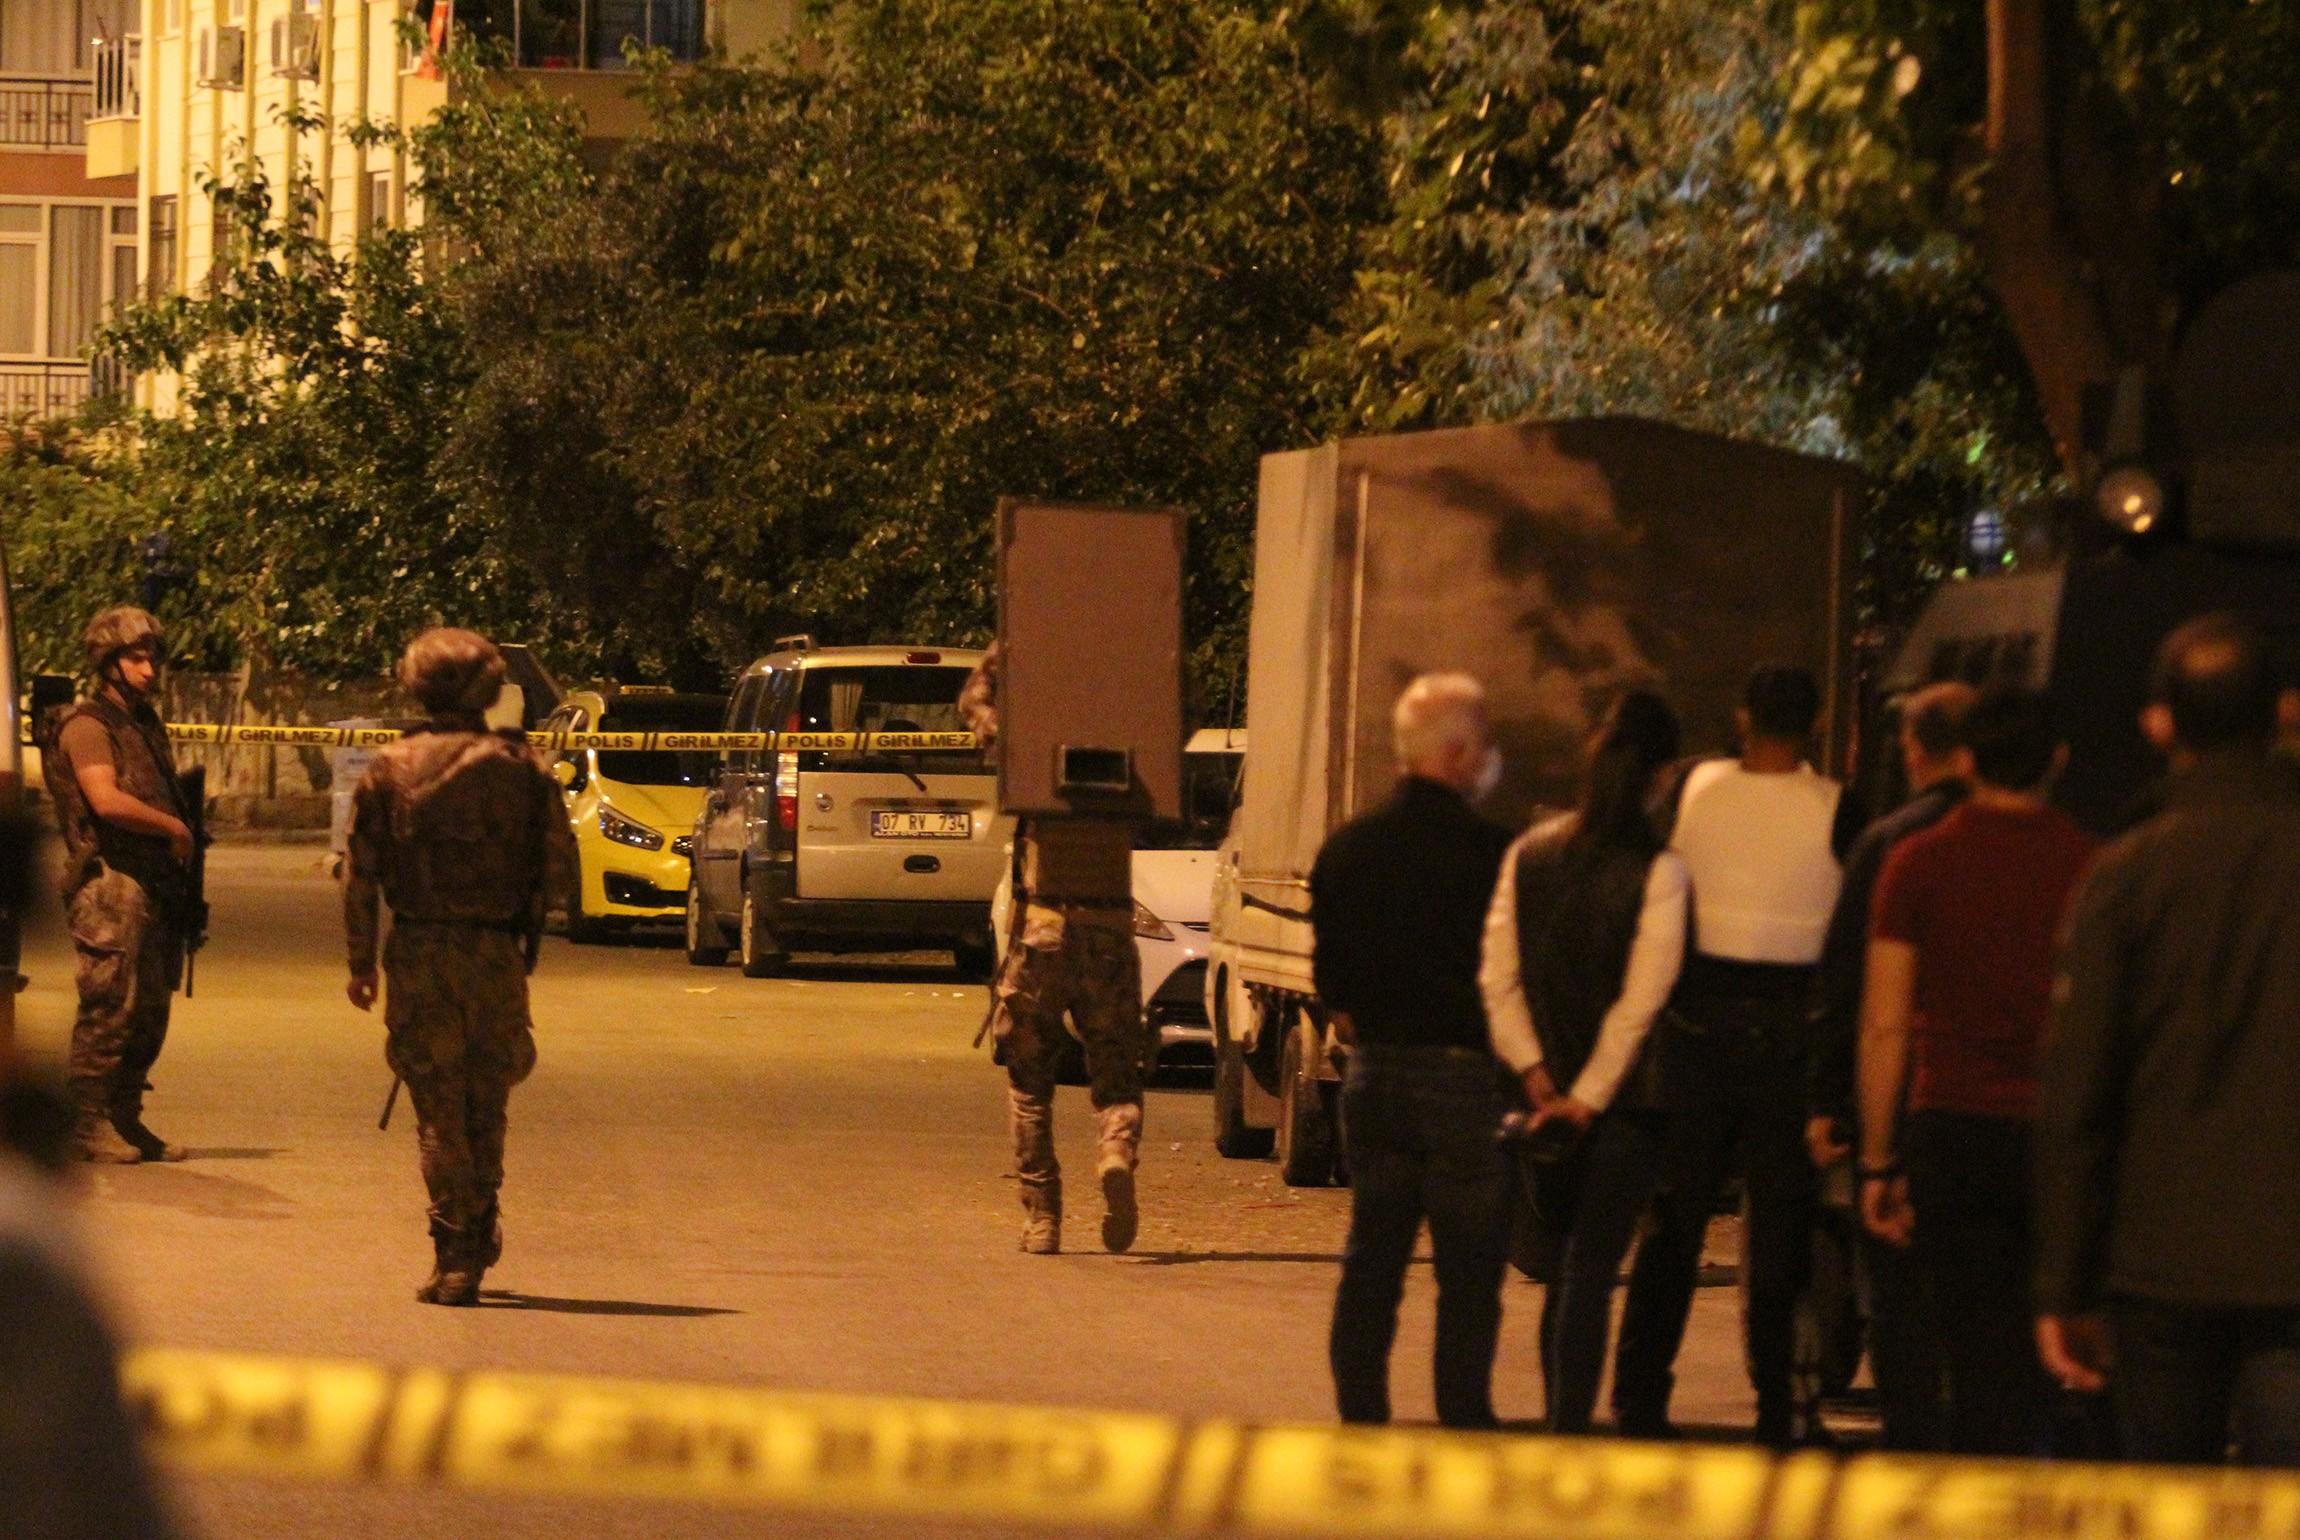 Antalya'da bunalıma giren kişi ekiplerin 4 saatlik çabasıyla ikna oldu